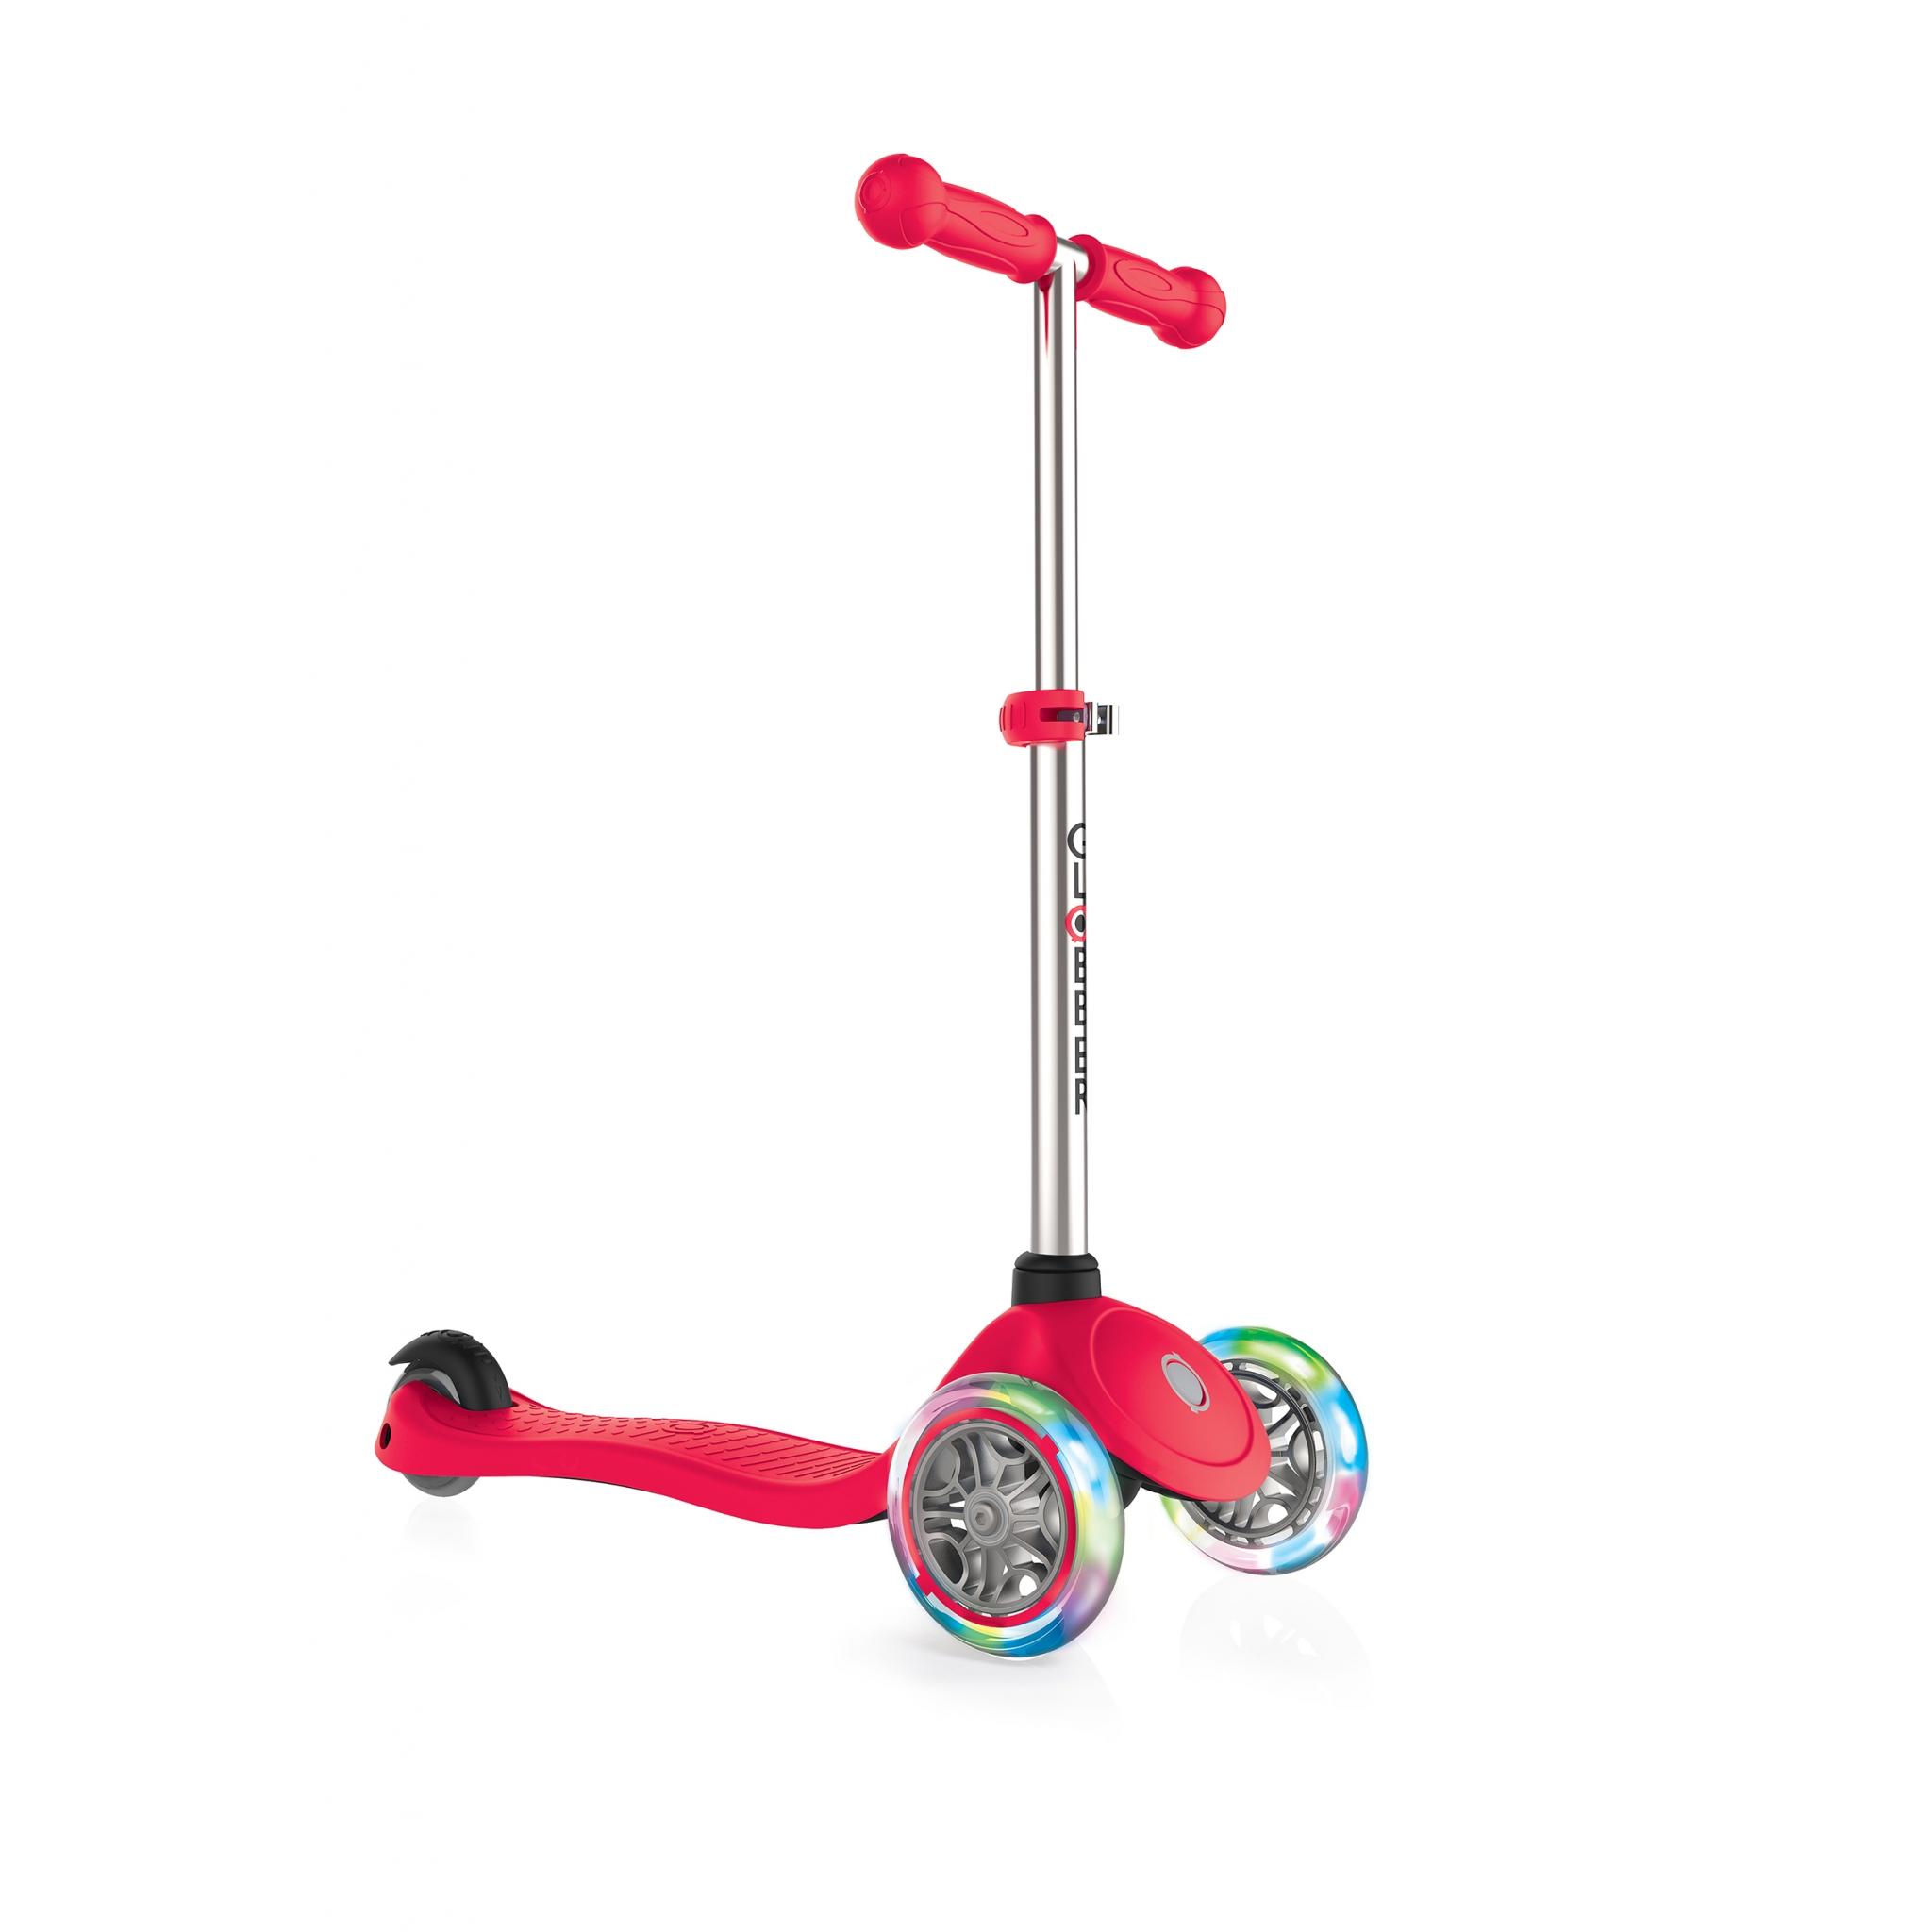 globber primo lights trottinette enfants 3 roues avec guidon ajustable bouton de blocage de la. Black Bedroom Furniture Sets. Home Design Ideas